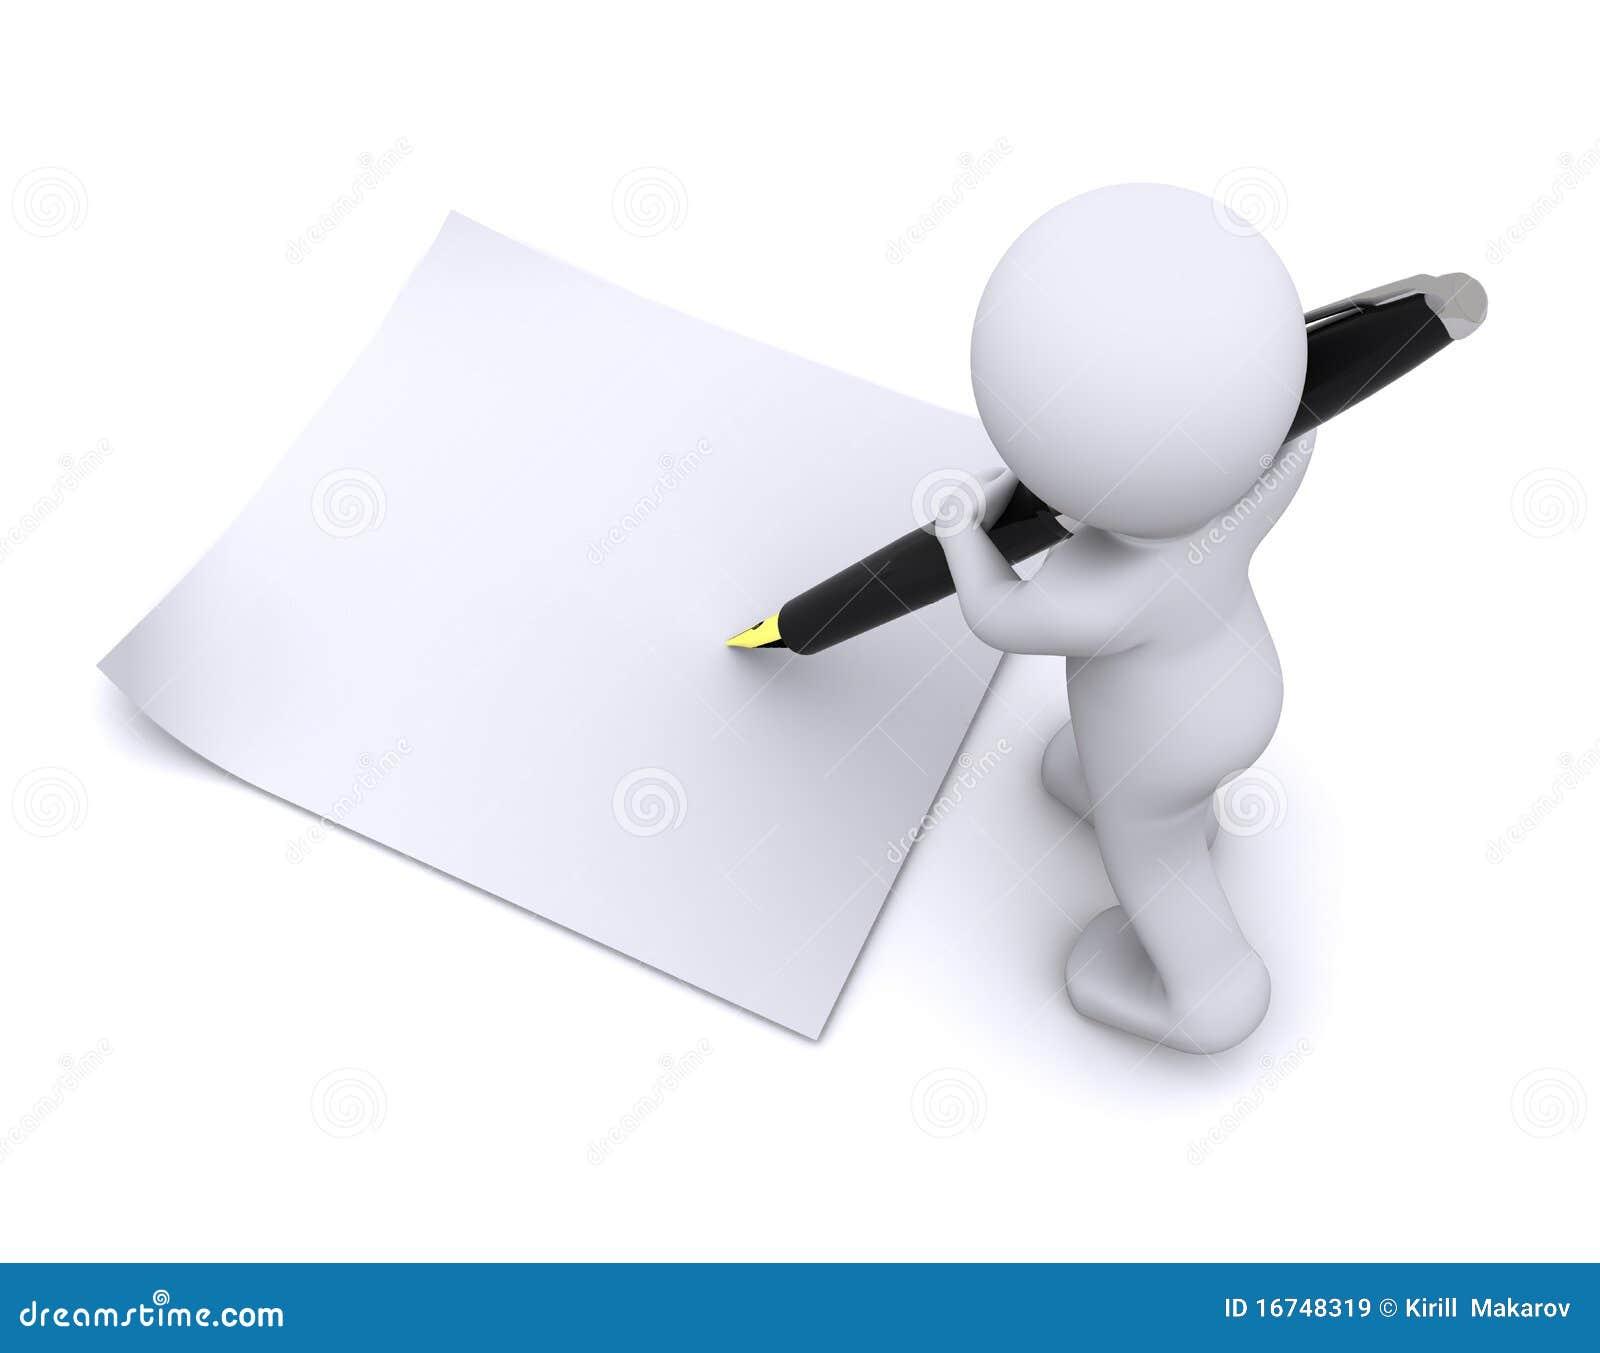 Computer Arts Character Design